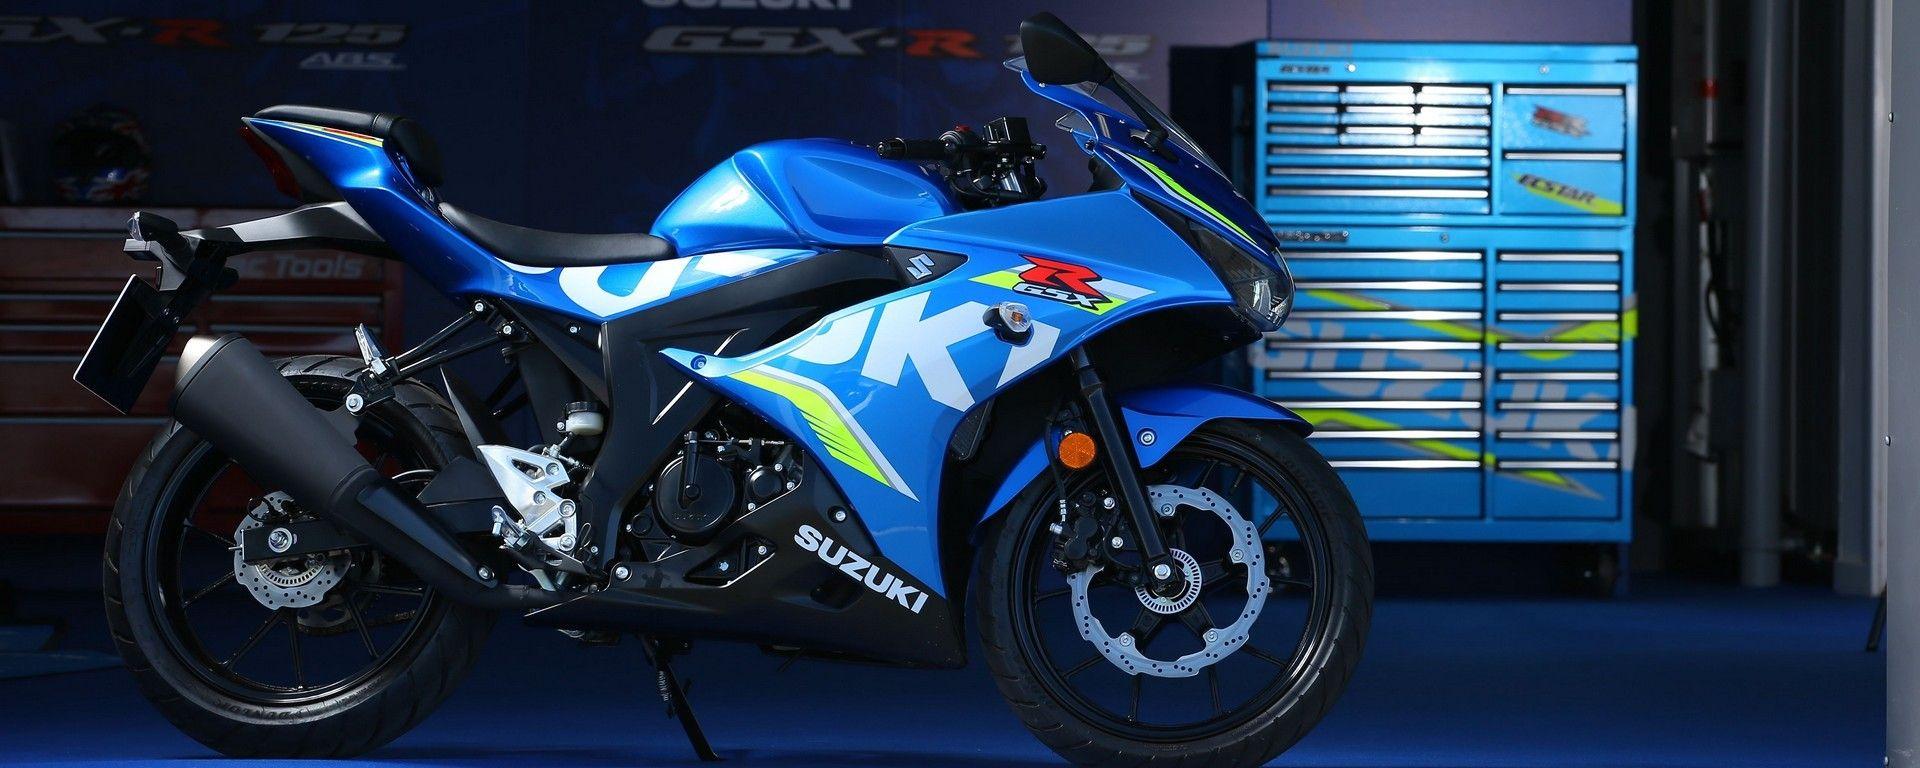 Promozioni Suzuki: la GSX-250R vi regala 500 euro di benzina